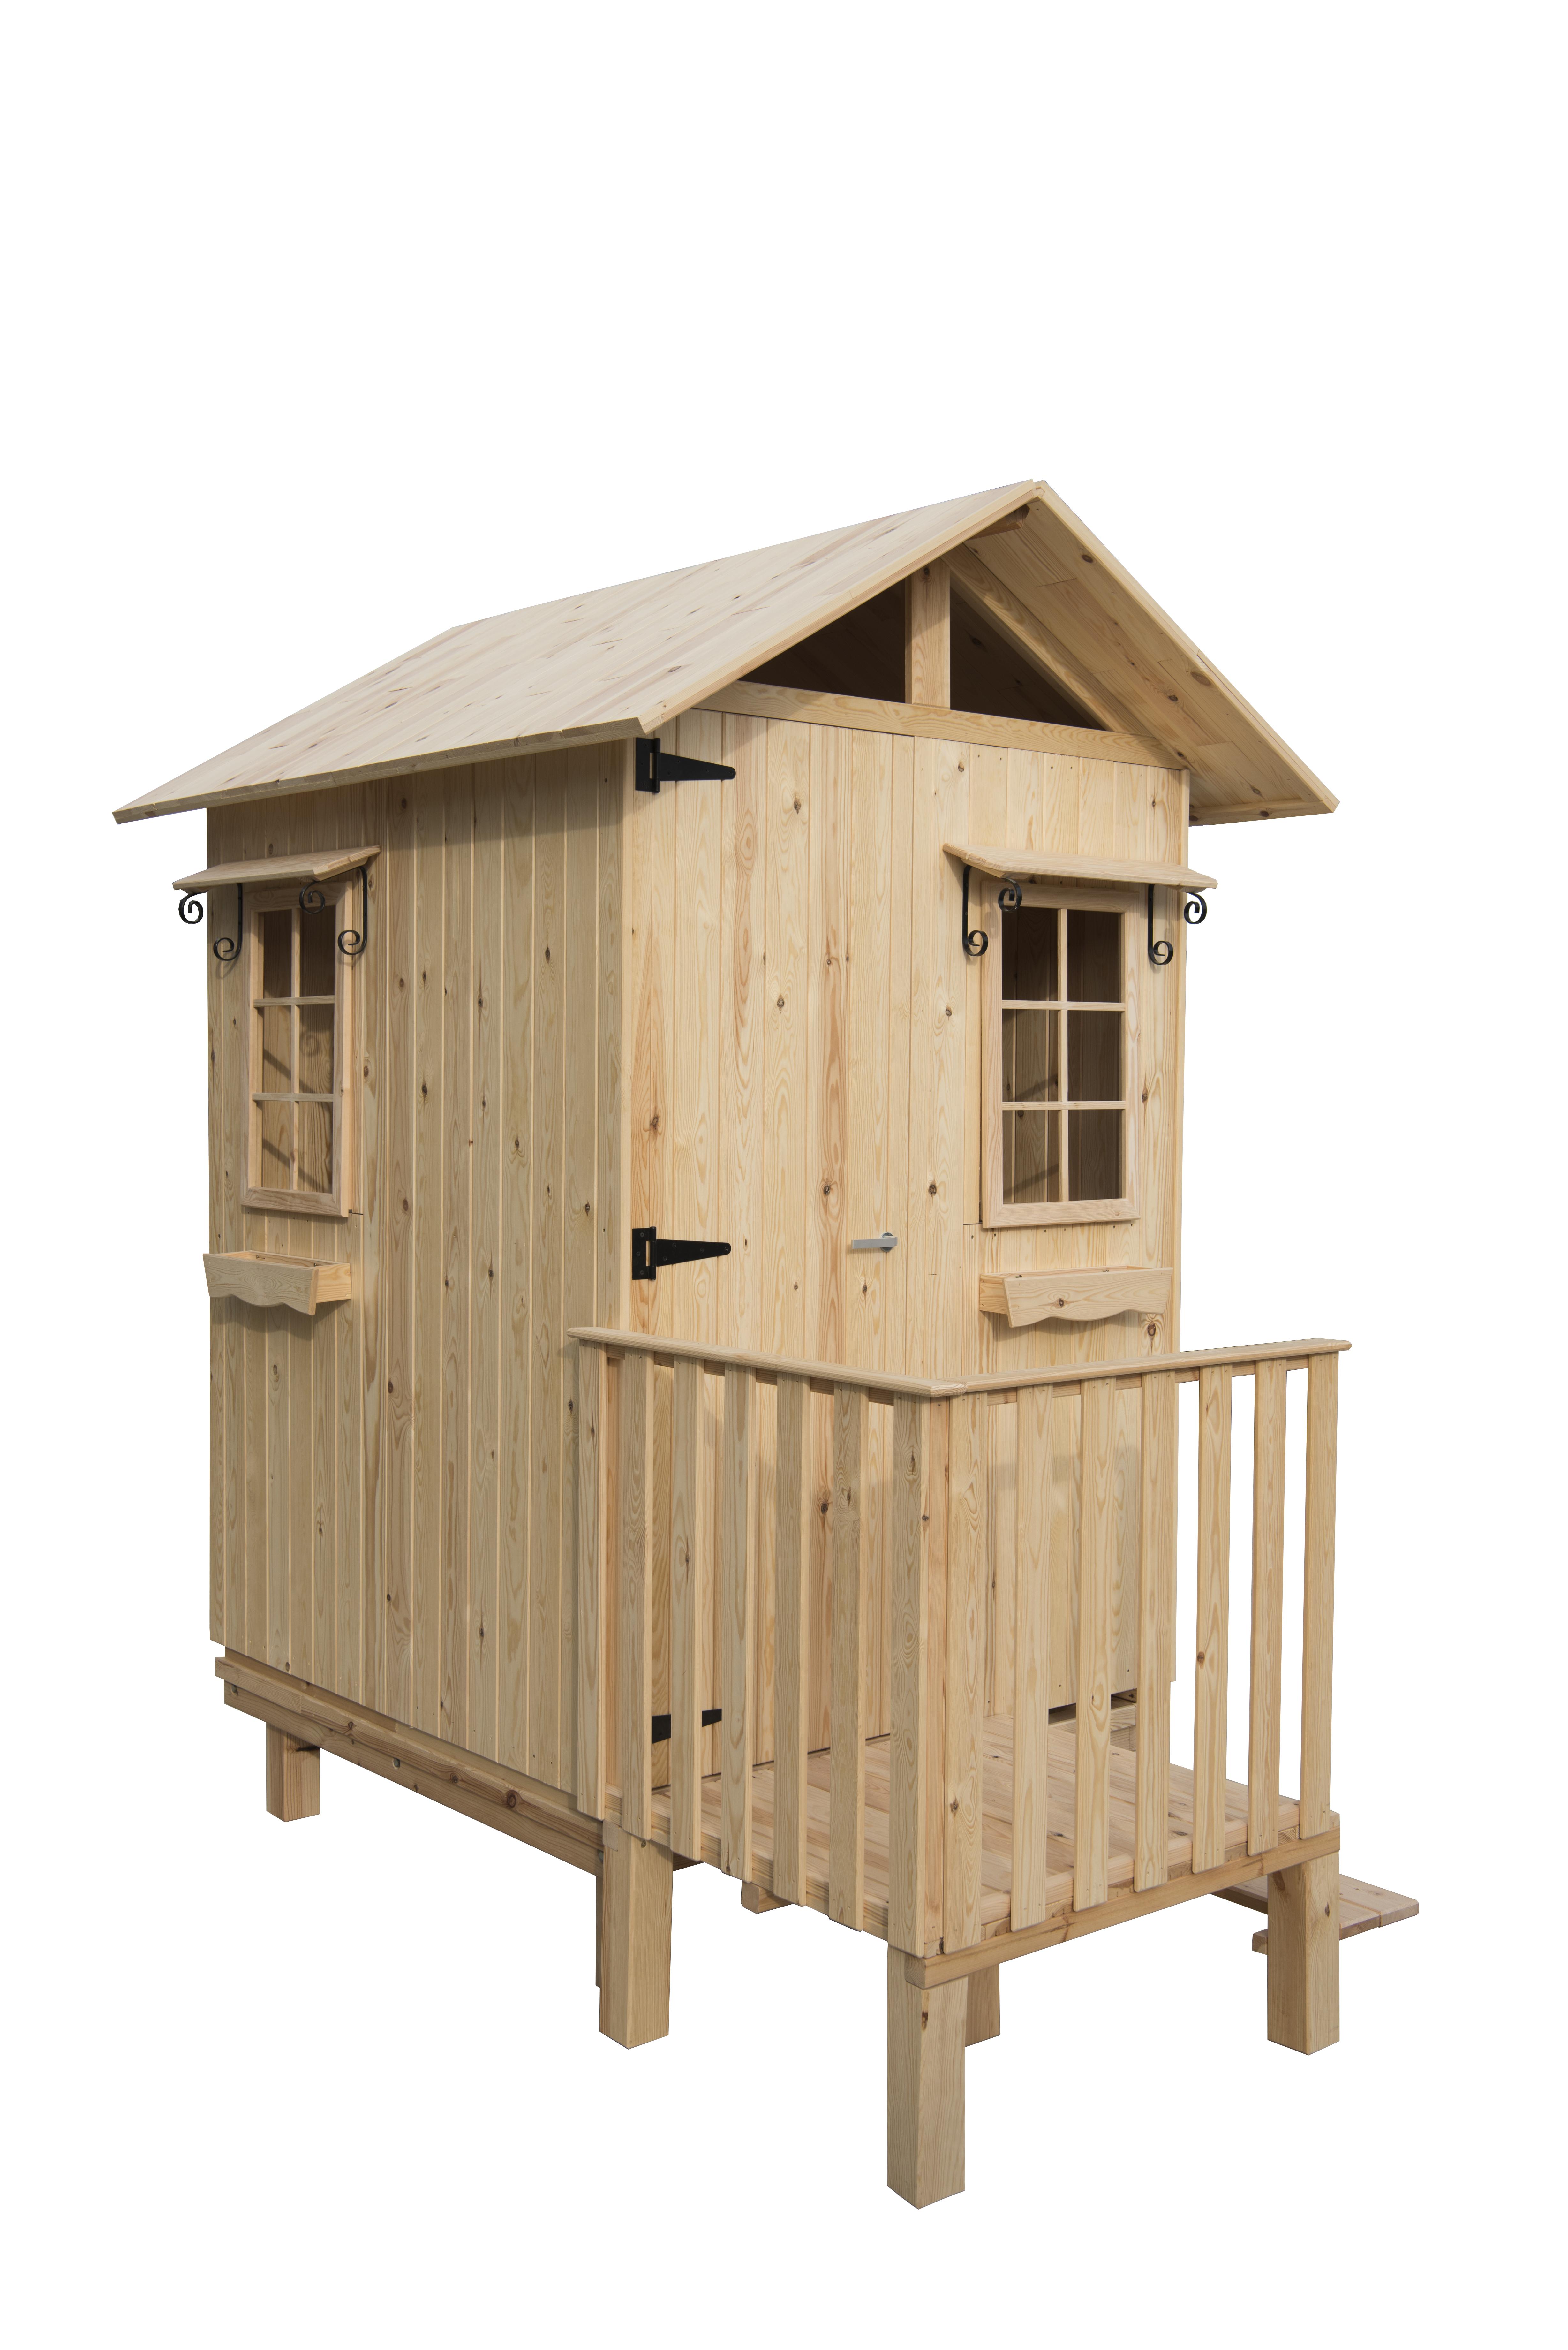 Caseta de madera vestuario mod. Beach